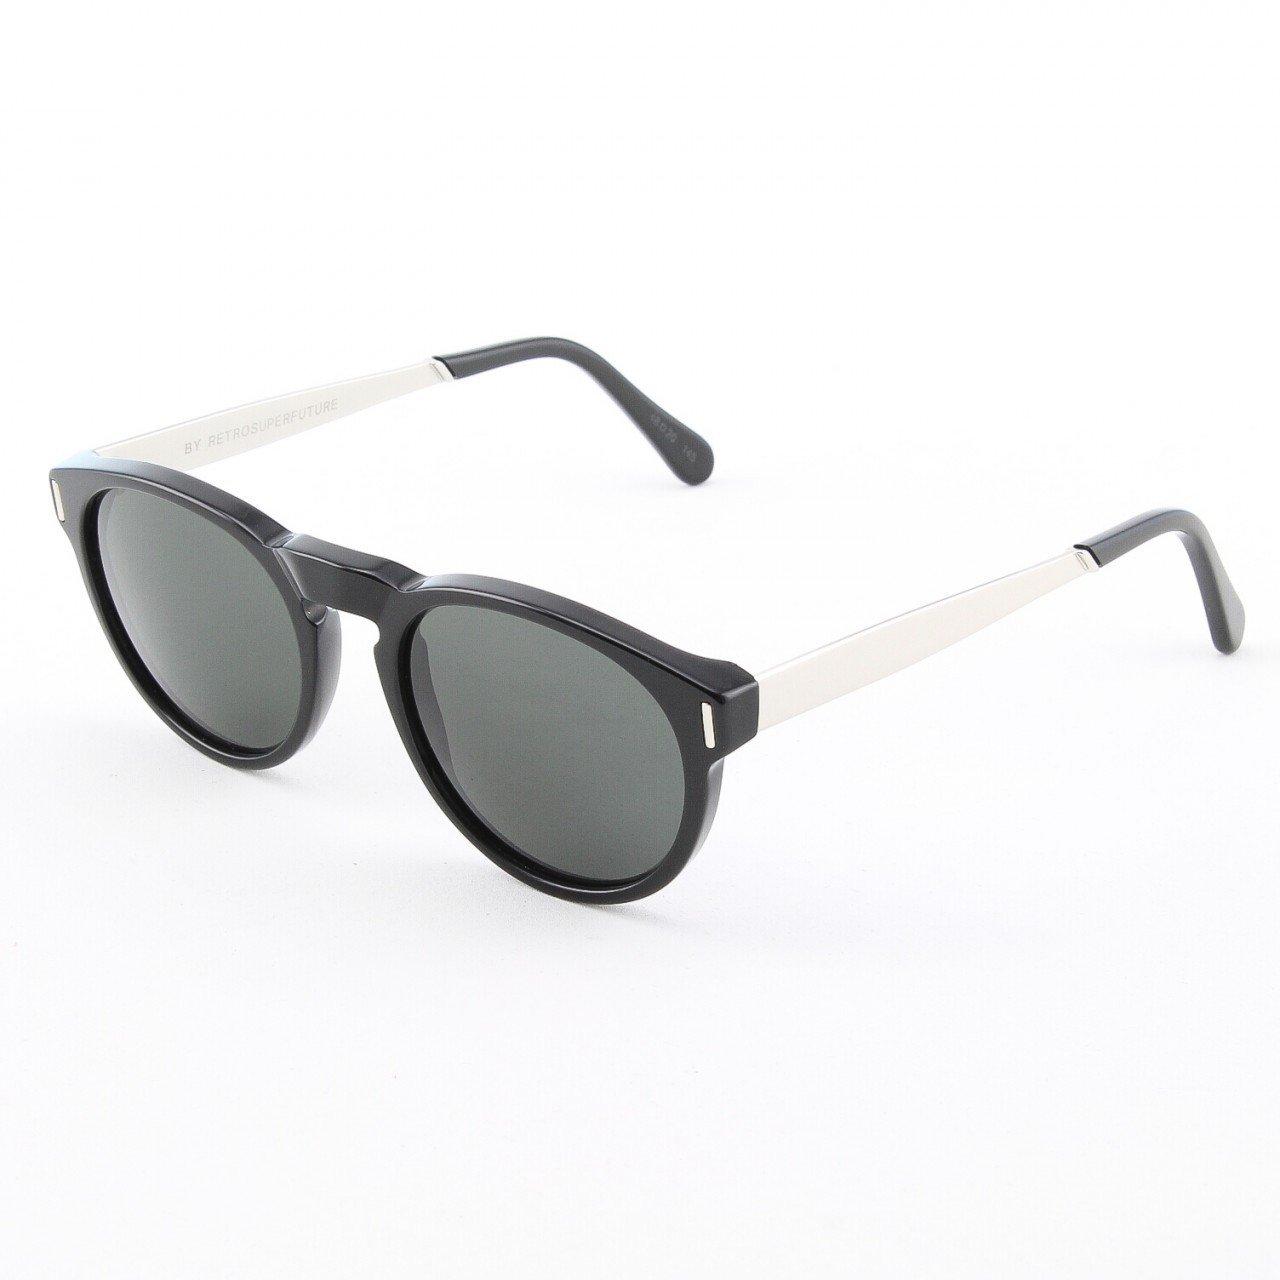 Super Paloma 769/3T Sunglasses Color Francis Silver Black by RETROSUPERFUTURE